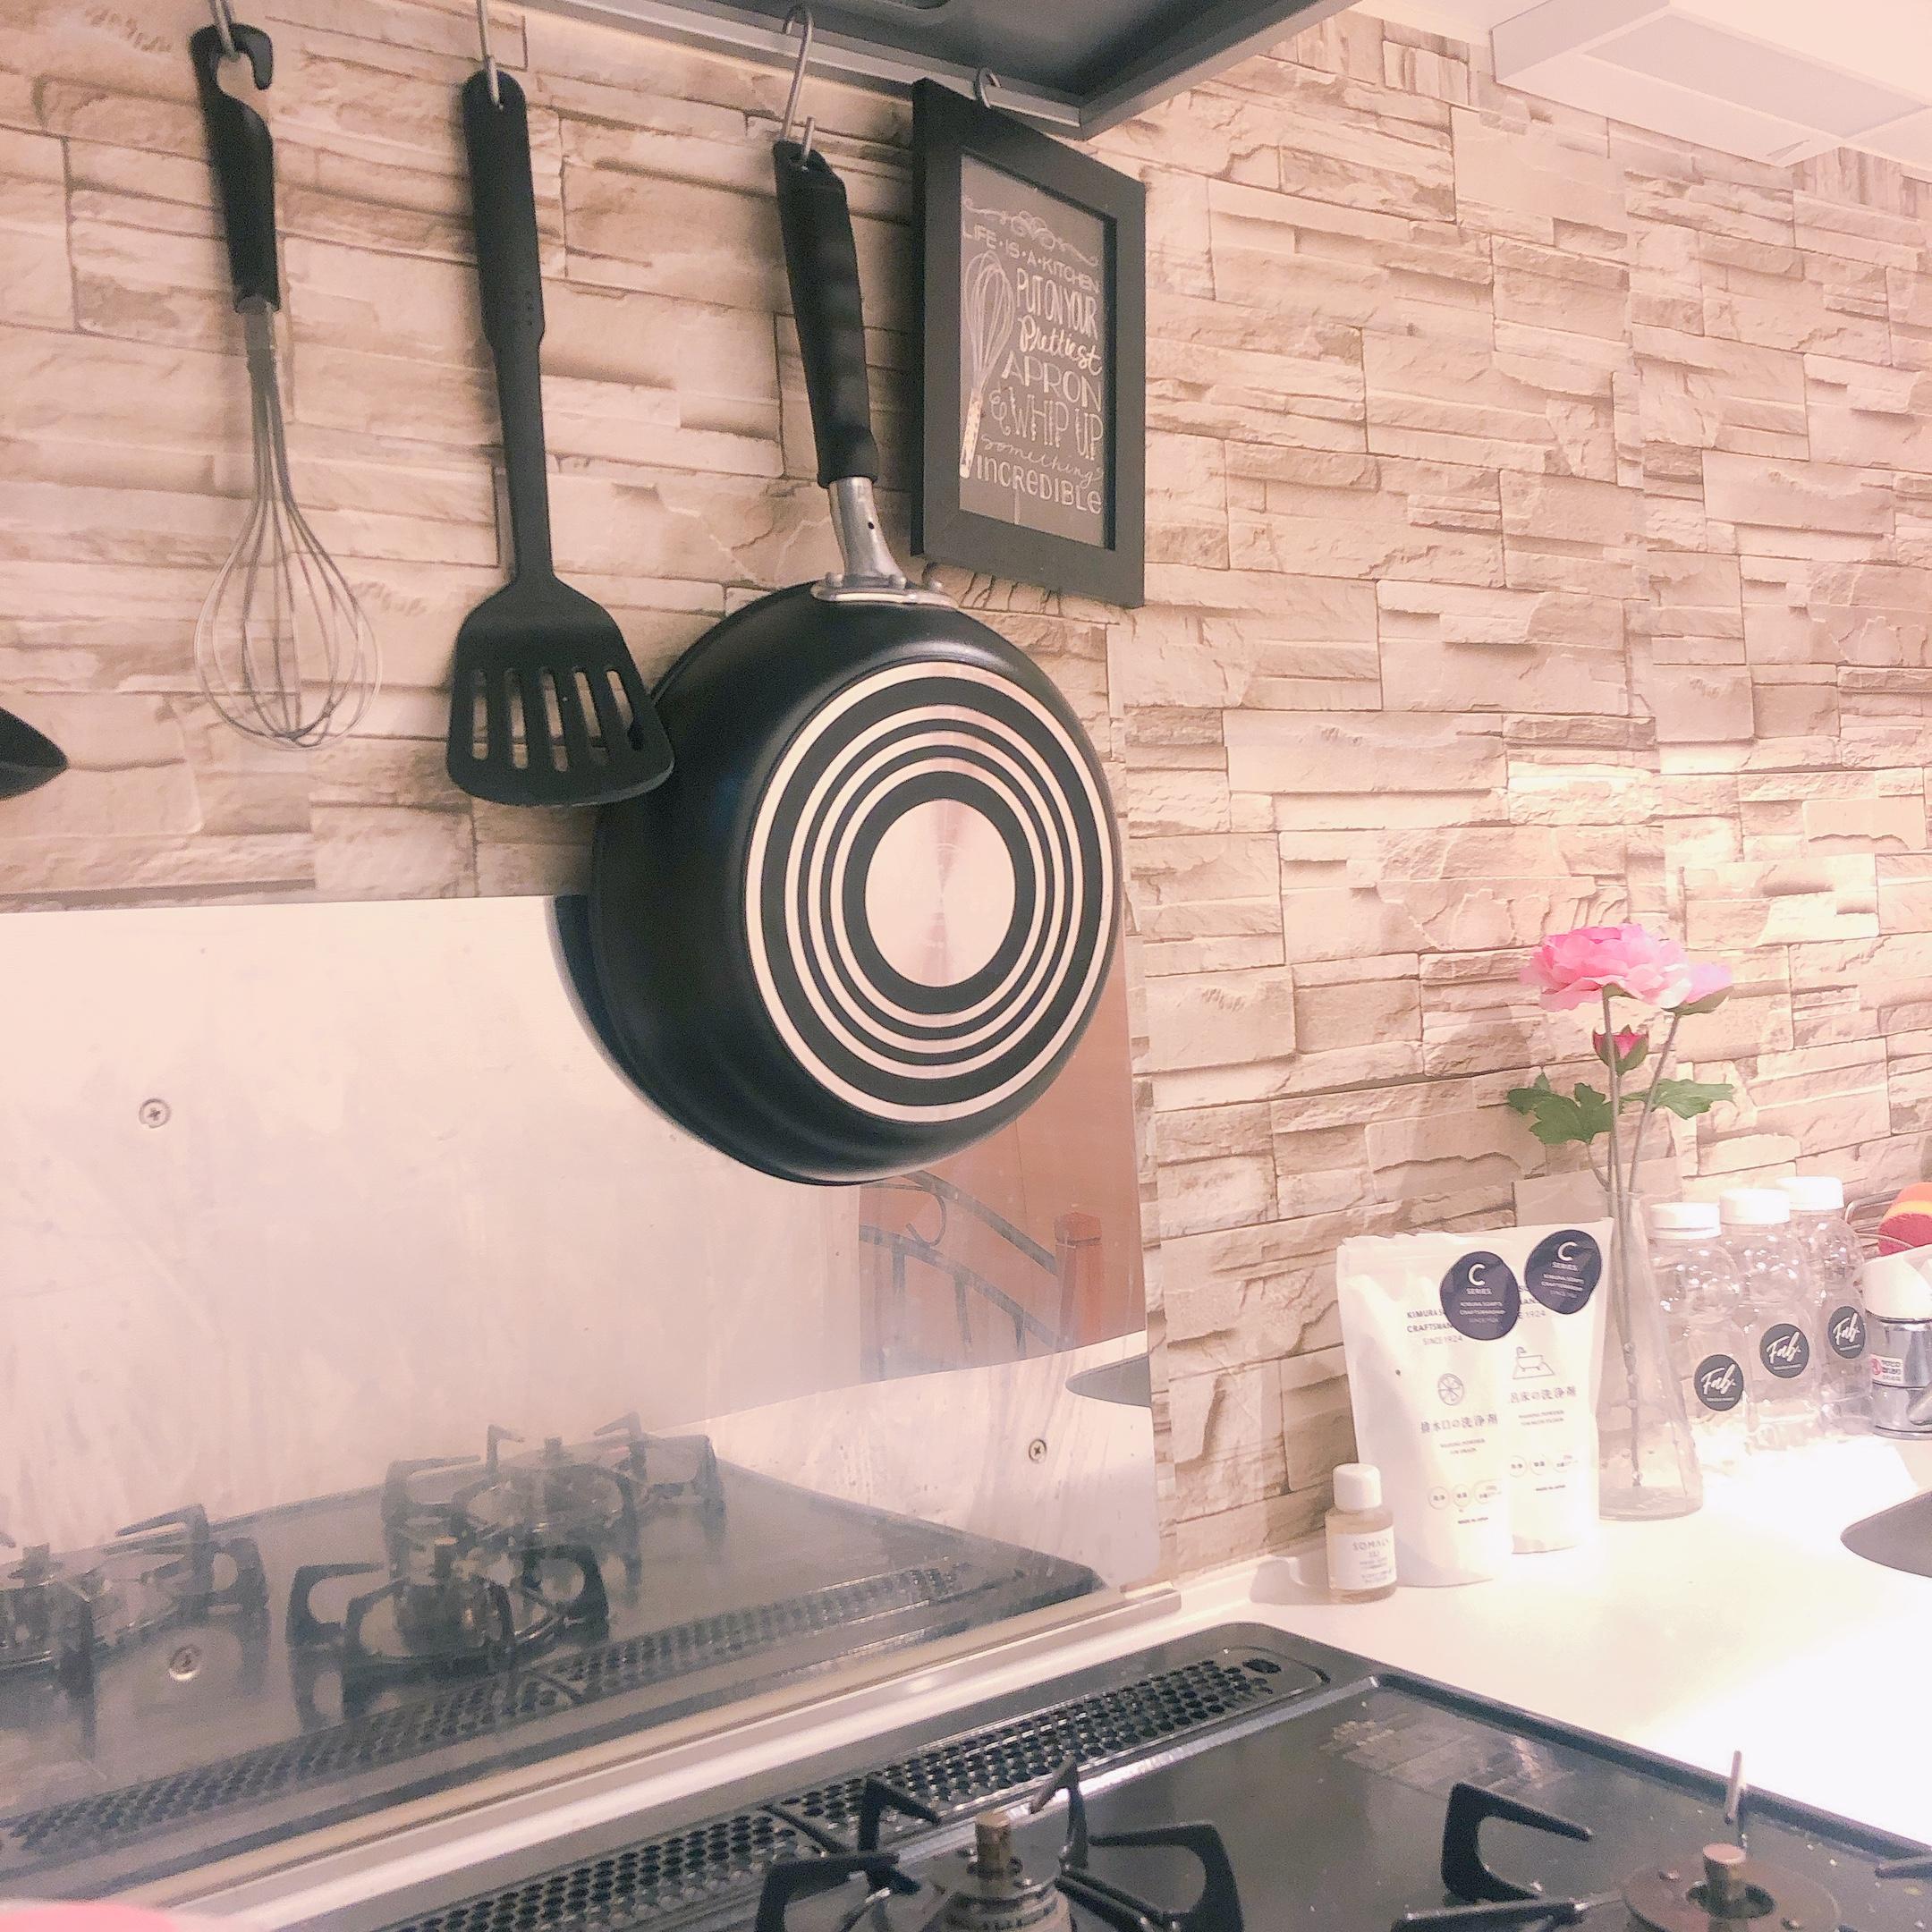 【賃貸インテリア】ごく普通のキッチンをおしゃれに!見せる収納でスペースを有効活用して♡_1